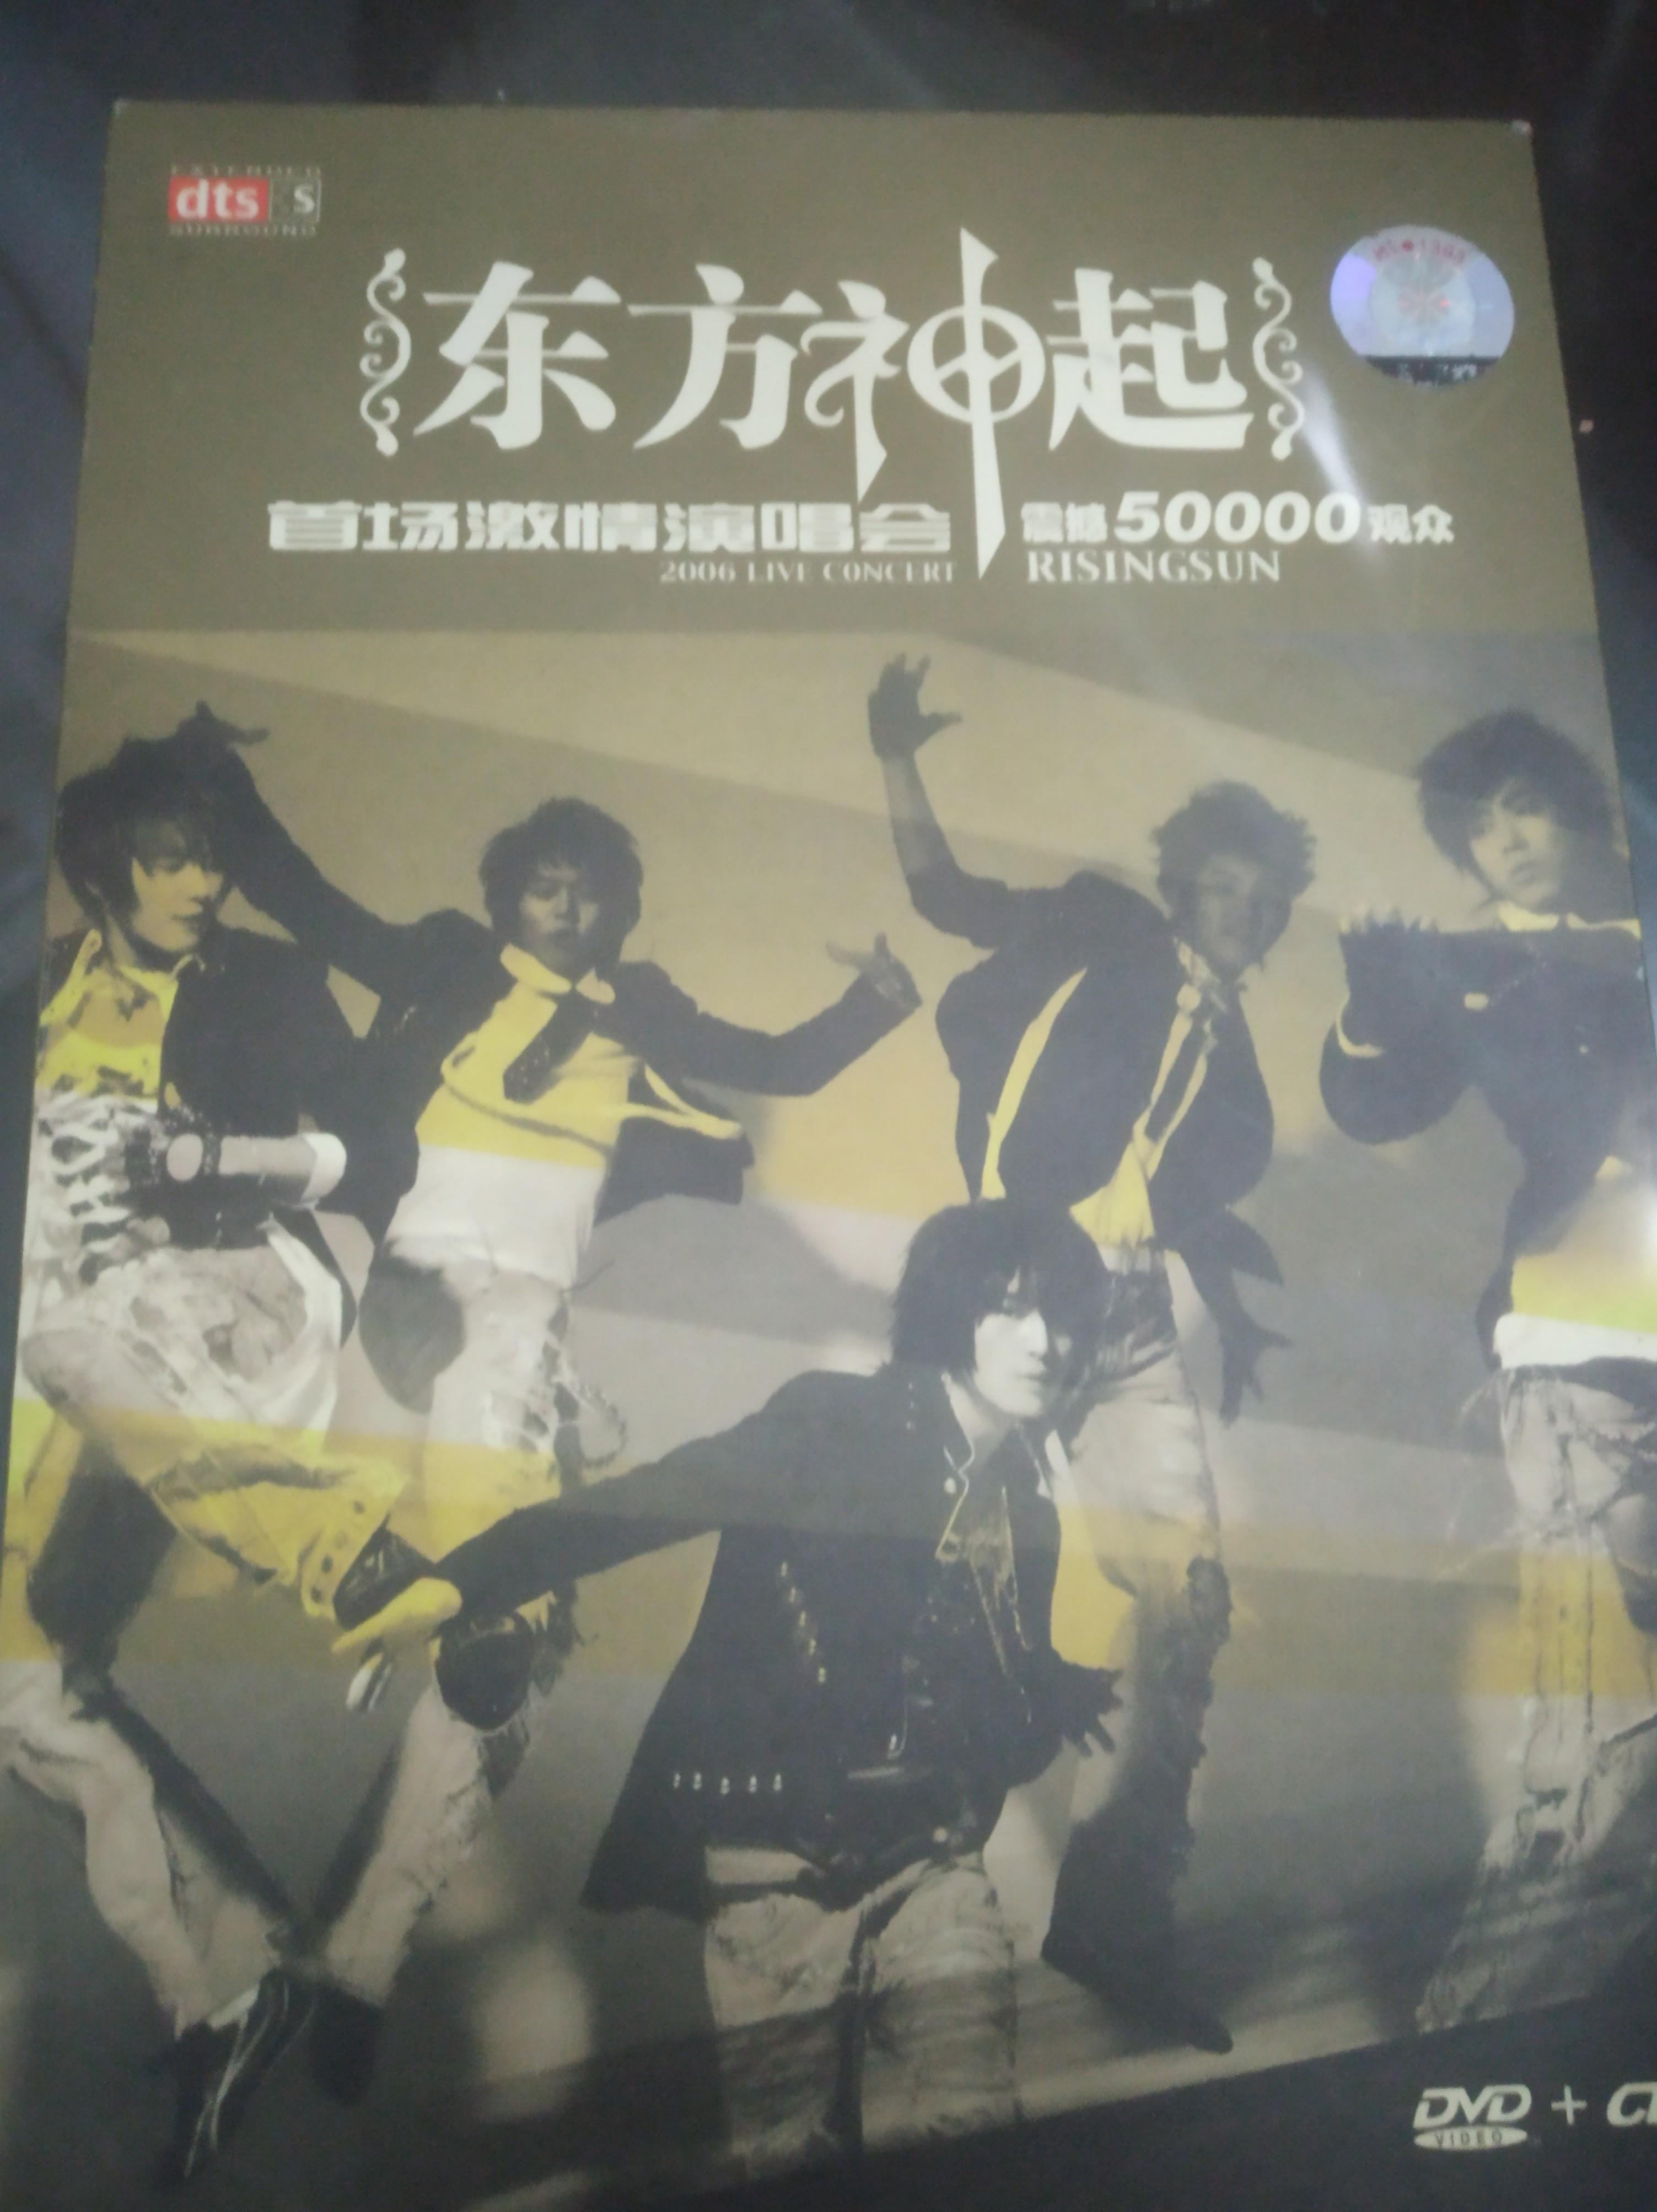 DBSK / TVXQ 2006 Live Concert Album Rising Sun Original